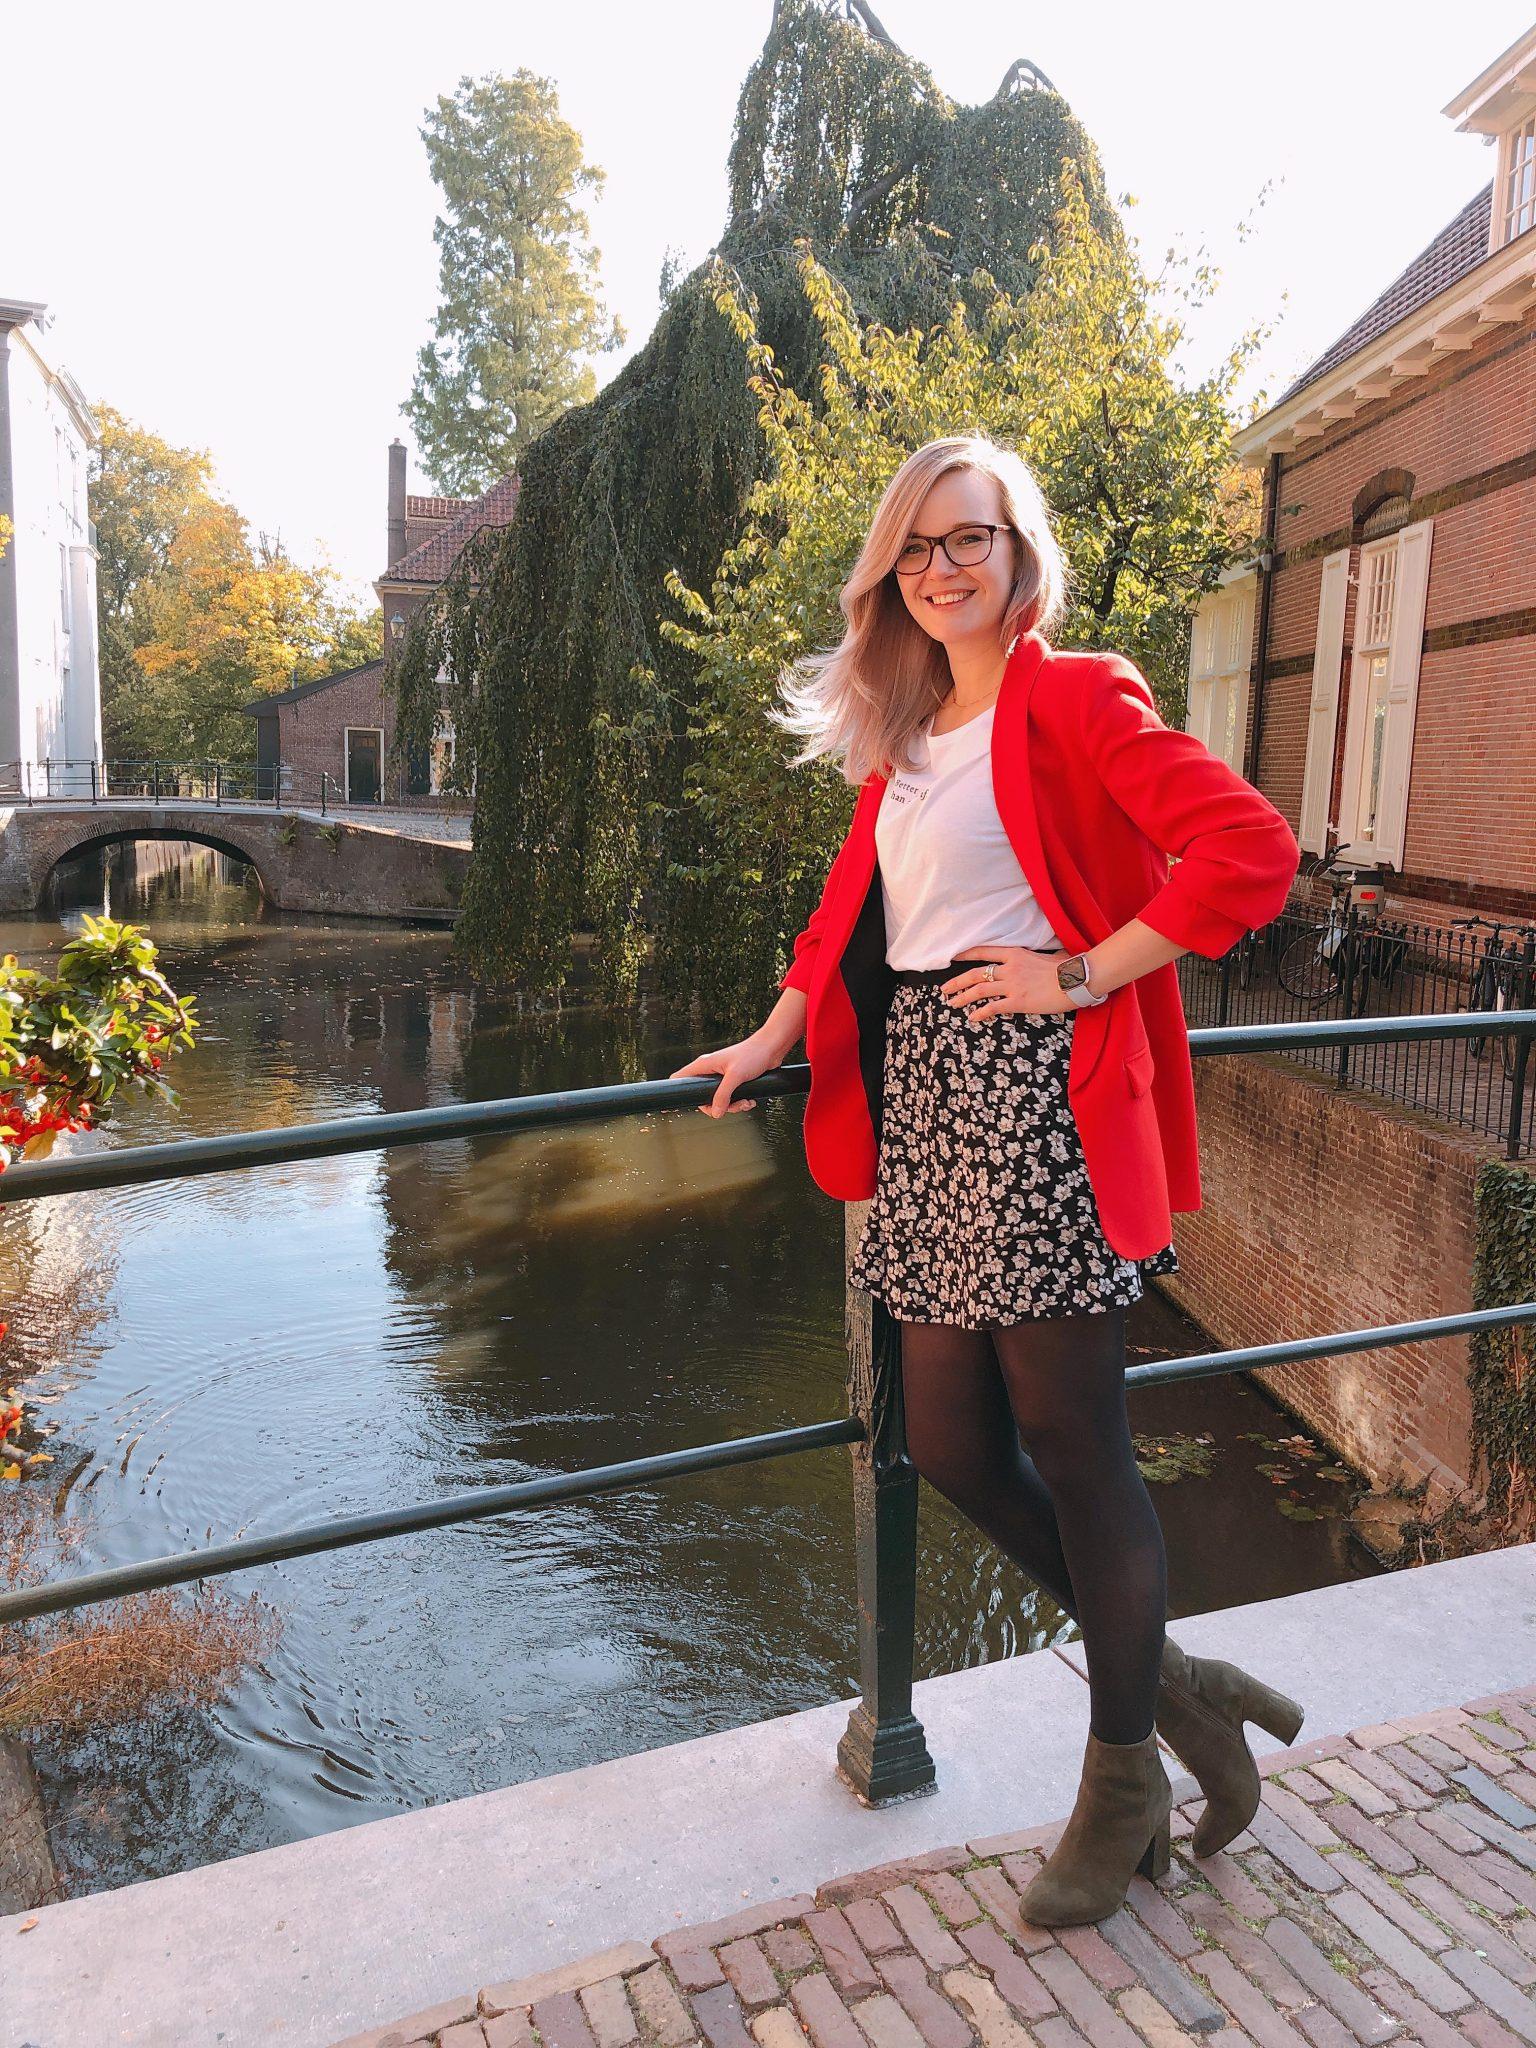 IMG 4294 3024x4032 - Elise's Weekly Pictorama - Amersfoort met Sanne!